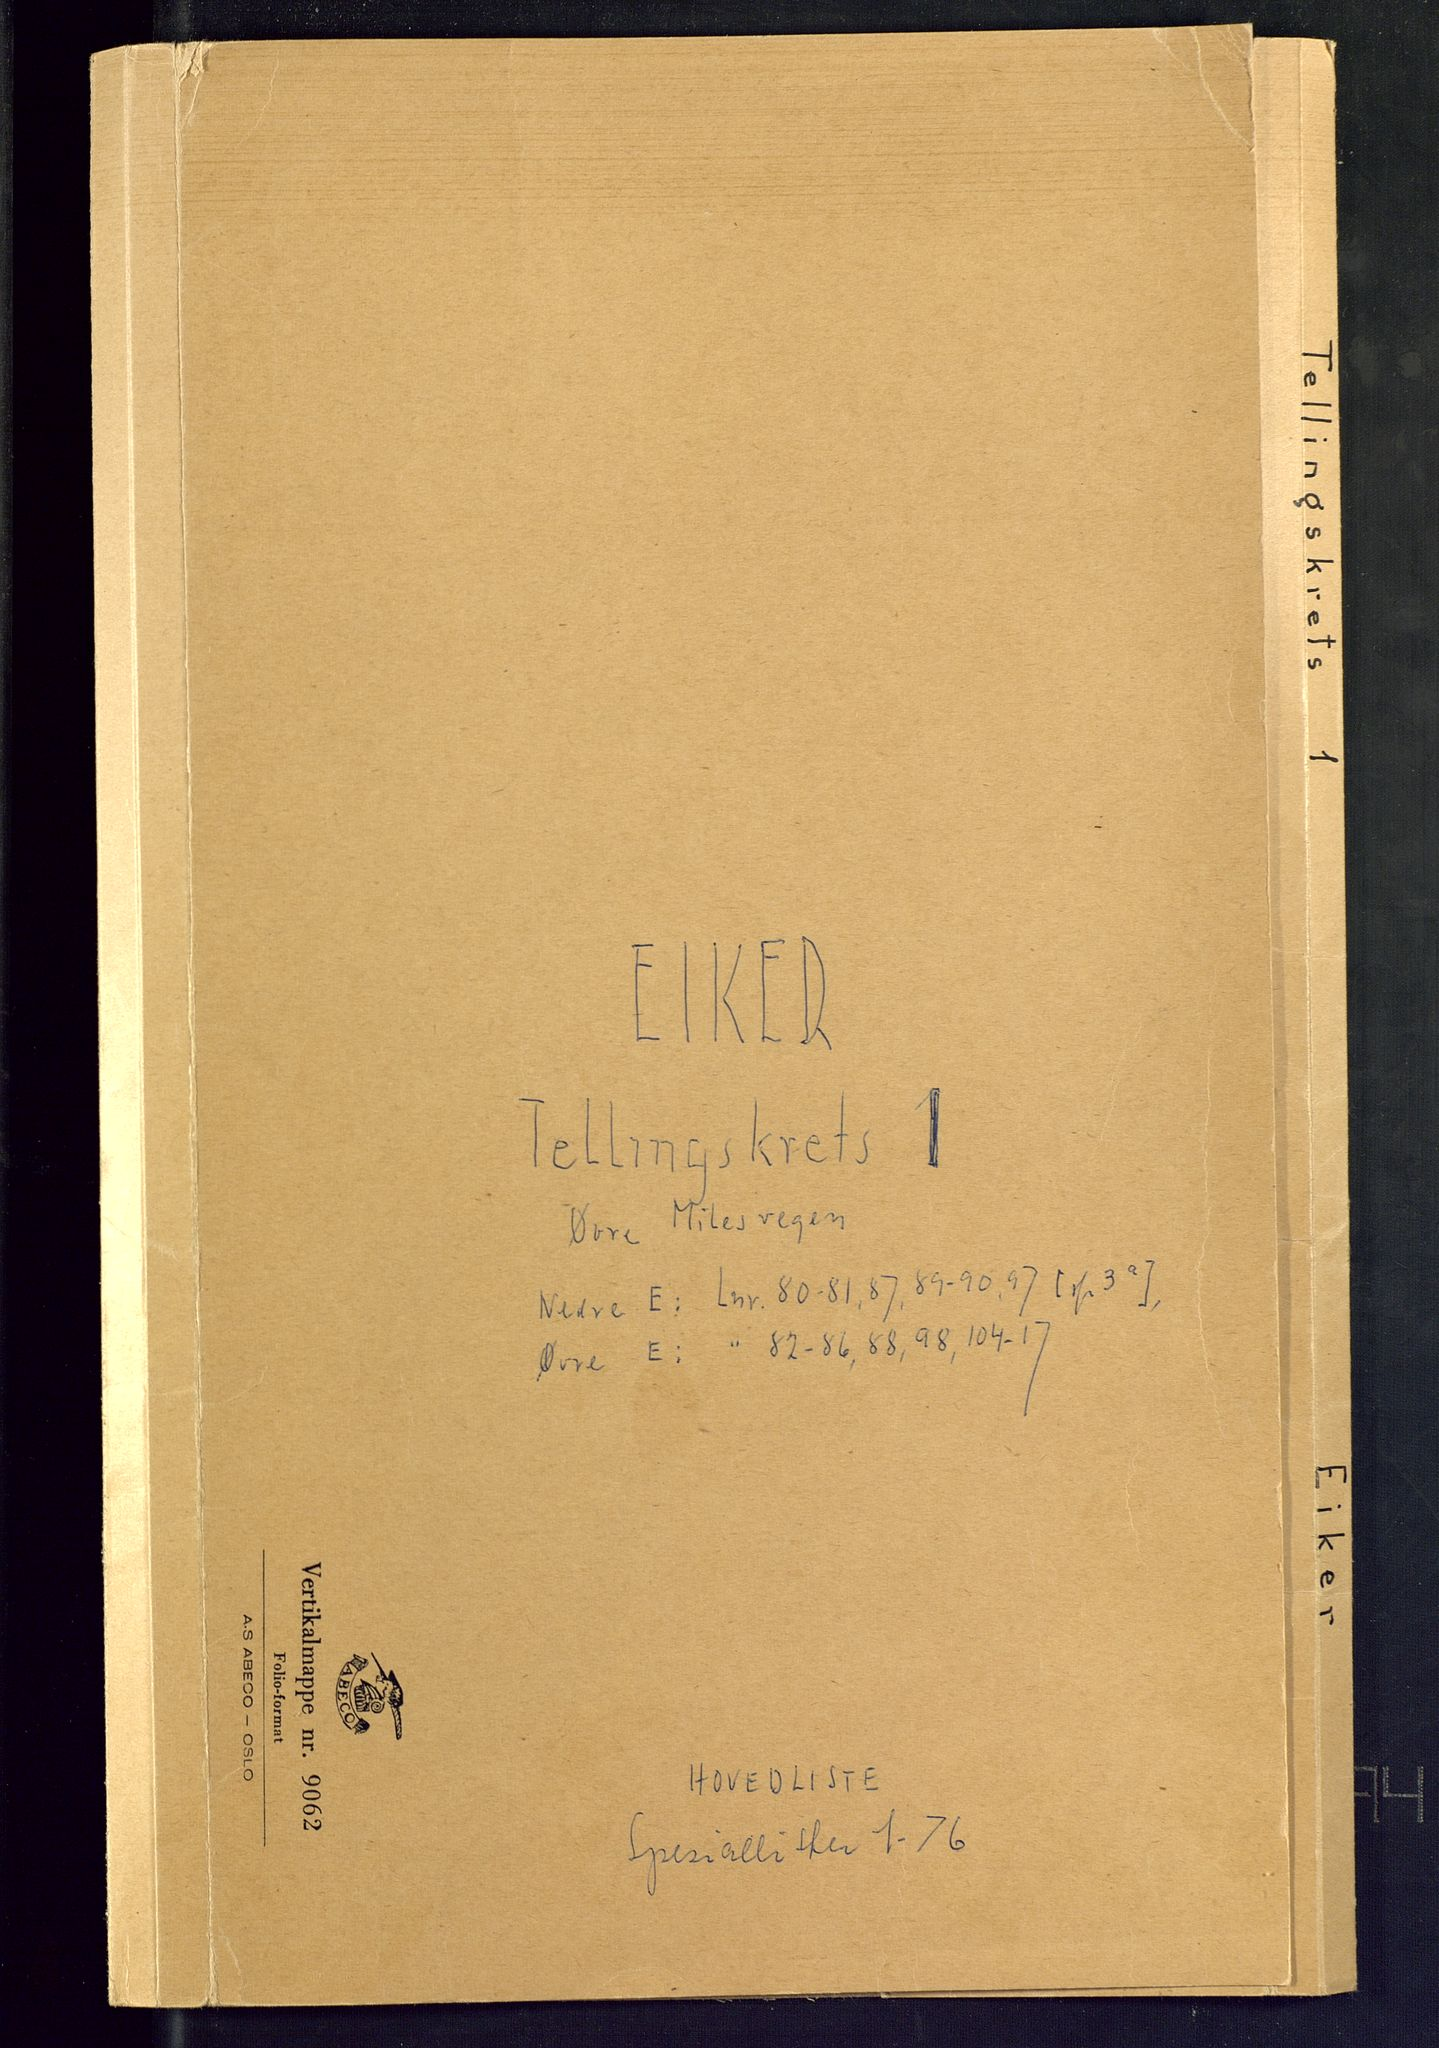 SAKO, Folketelling 1875 for 0624P Eiker prestegjeld, 1875, s. 1